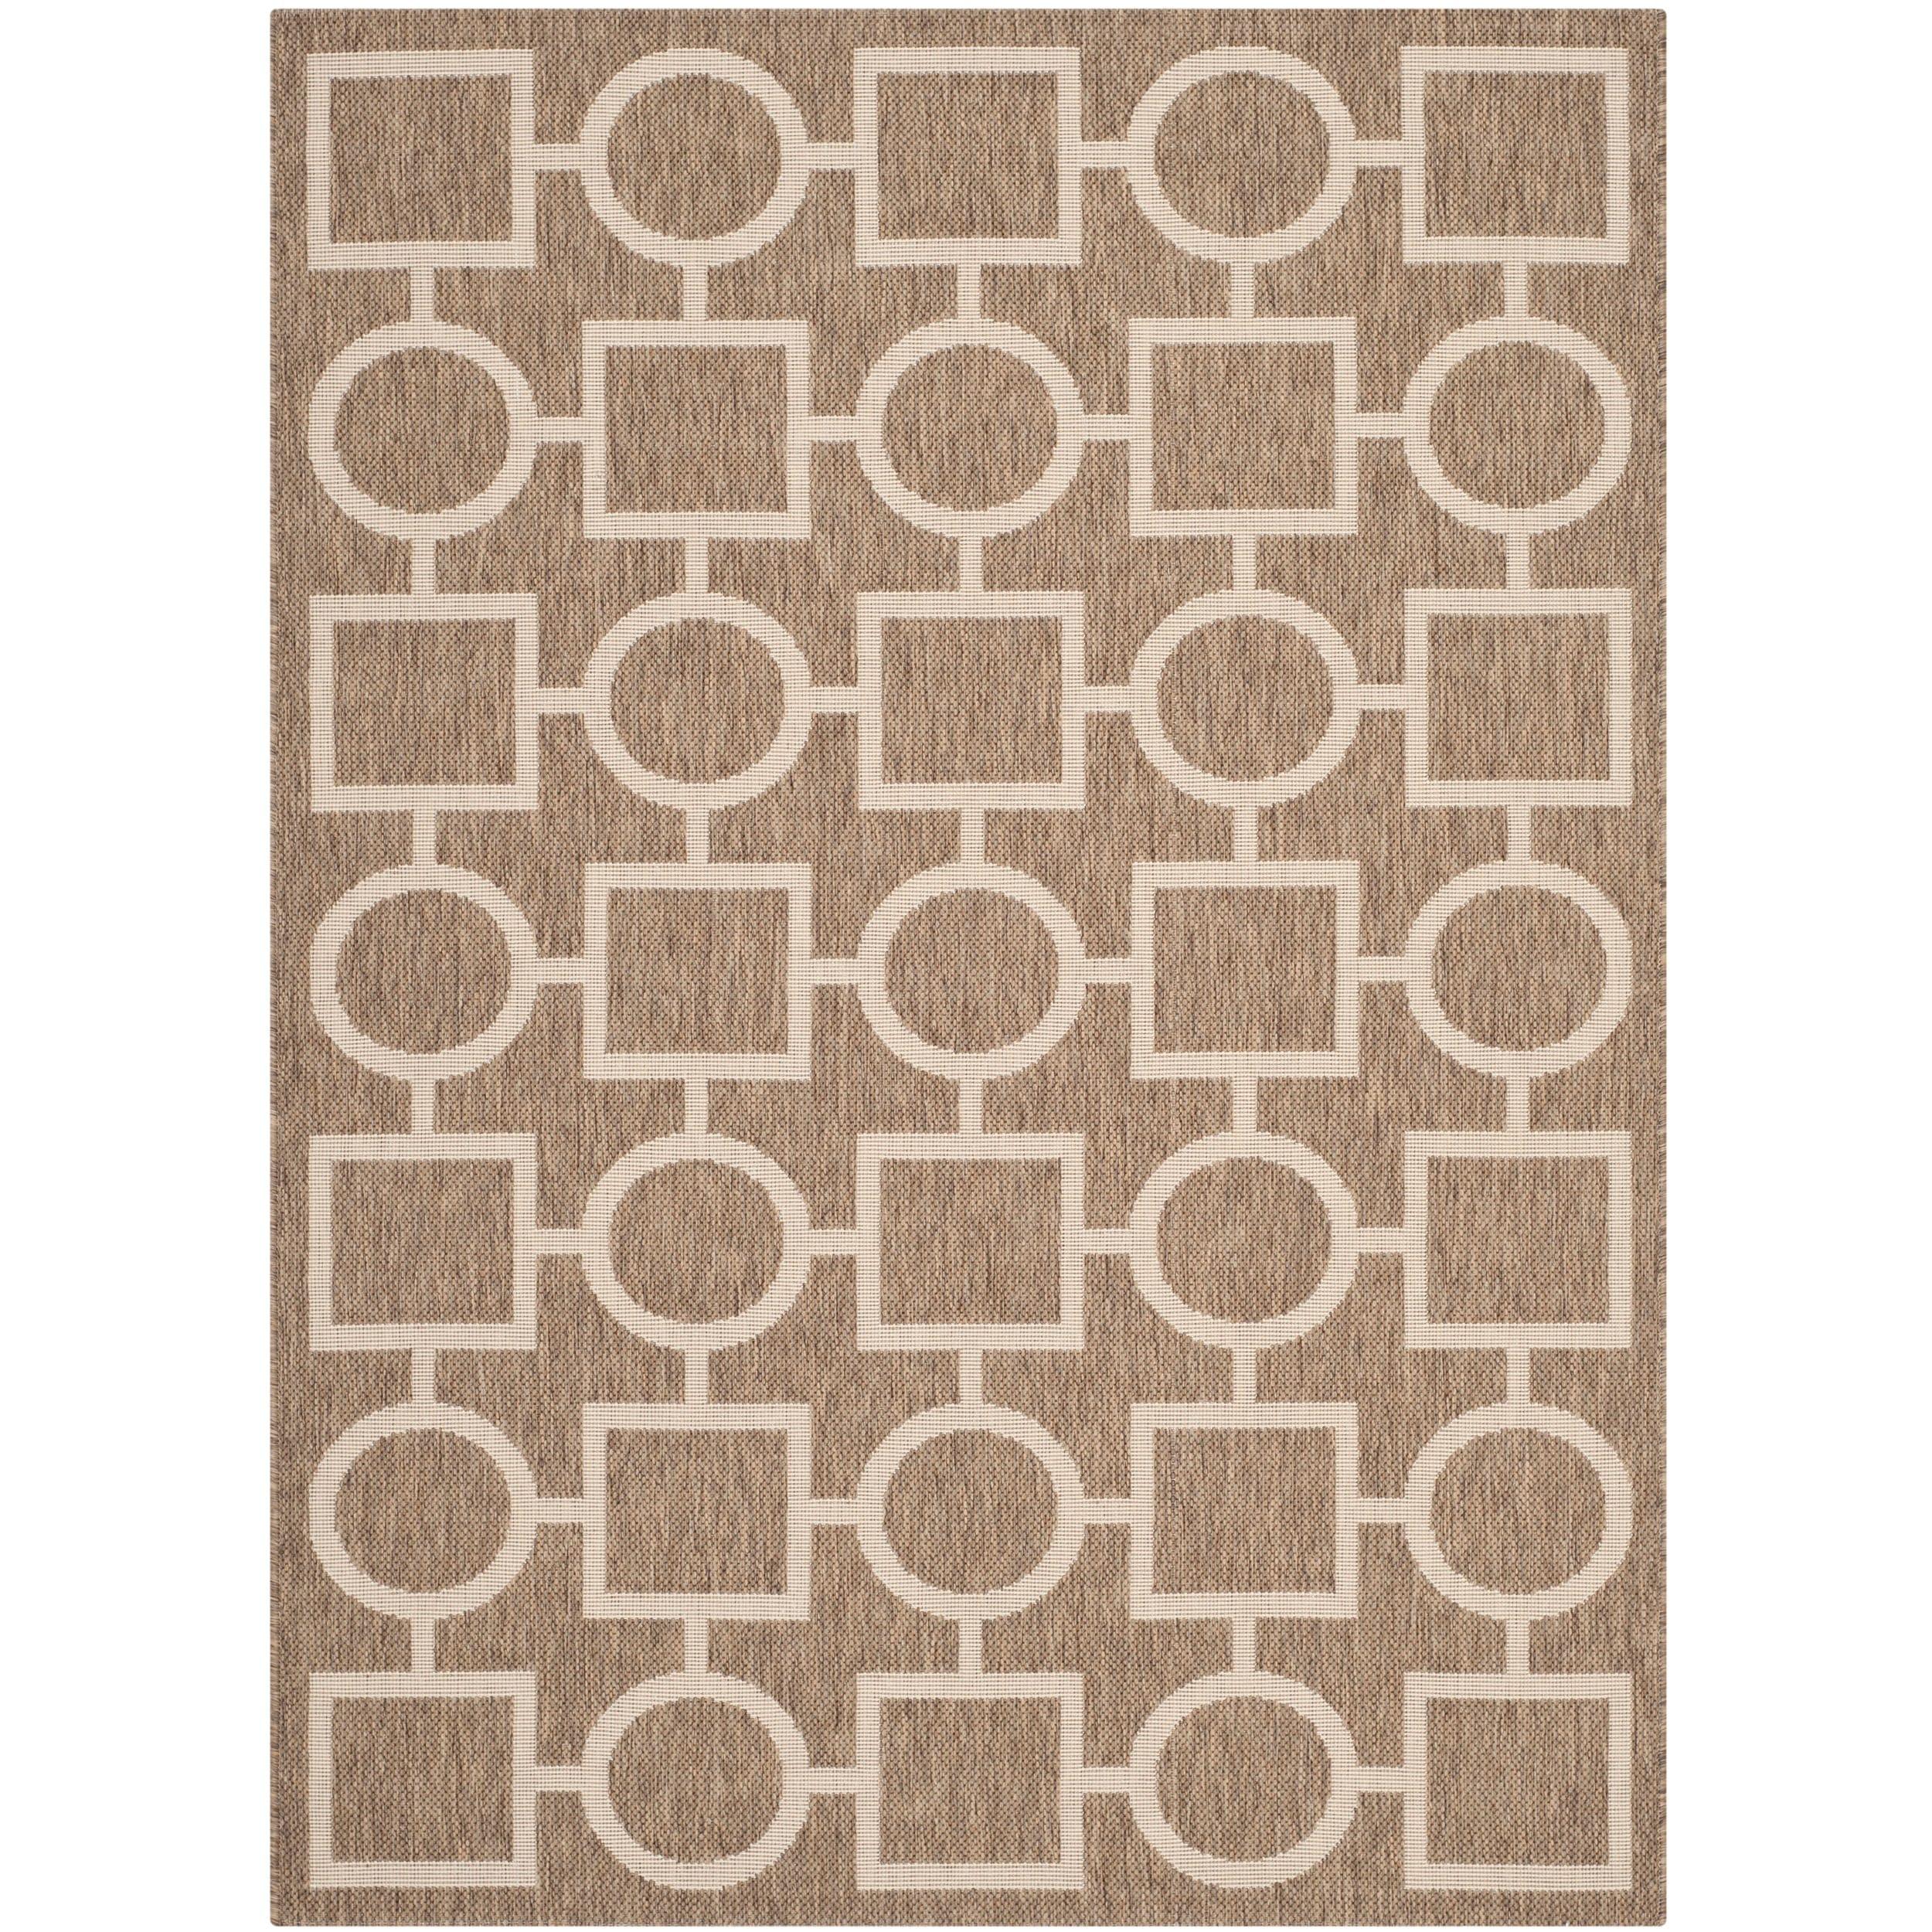 Safavieh Indoor/ Outdoor Courtyard Brown/ Bone Polypropylene Rug (53 X 77)